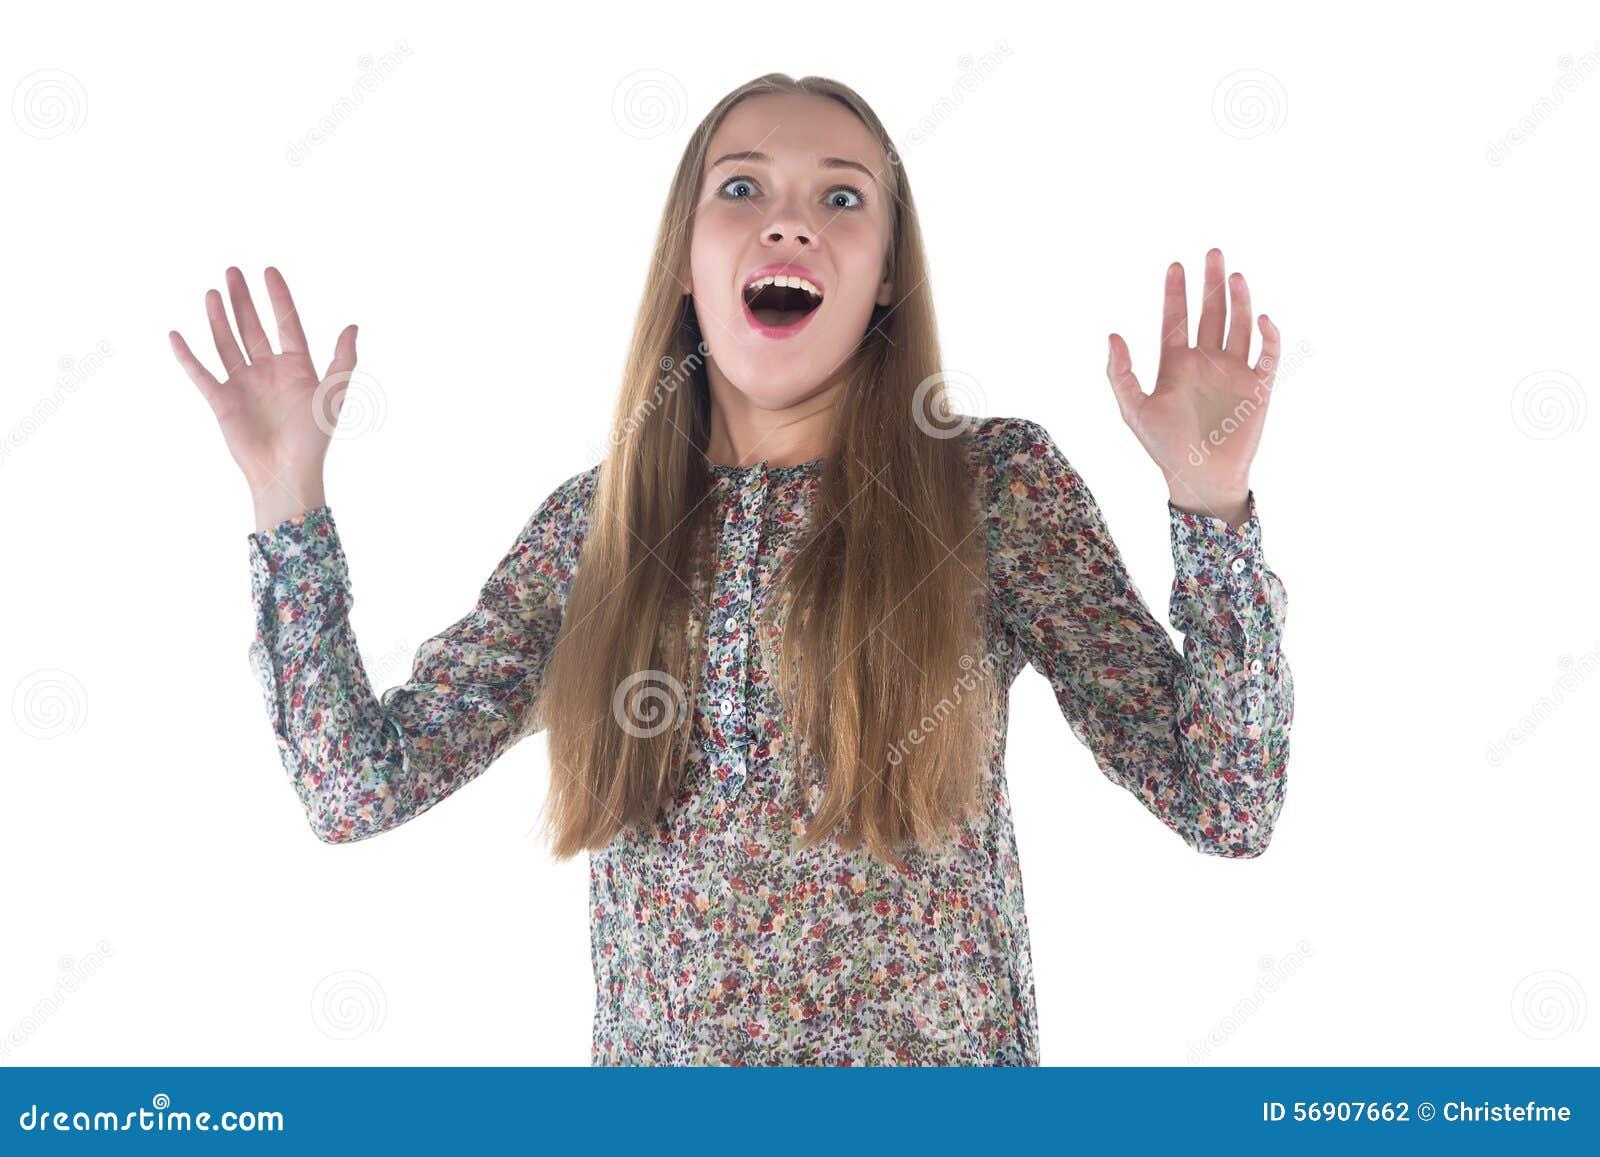 Φωτογραφία της ευτυχούς έκπληκτης νέας γυναίκας